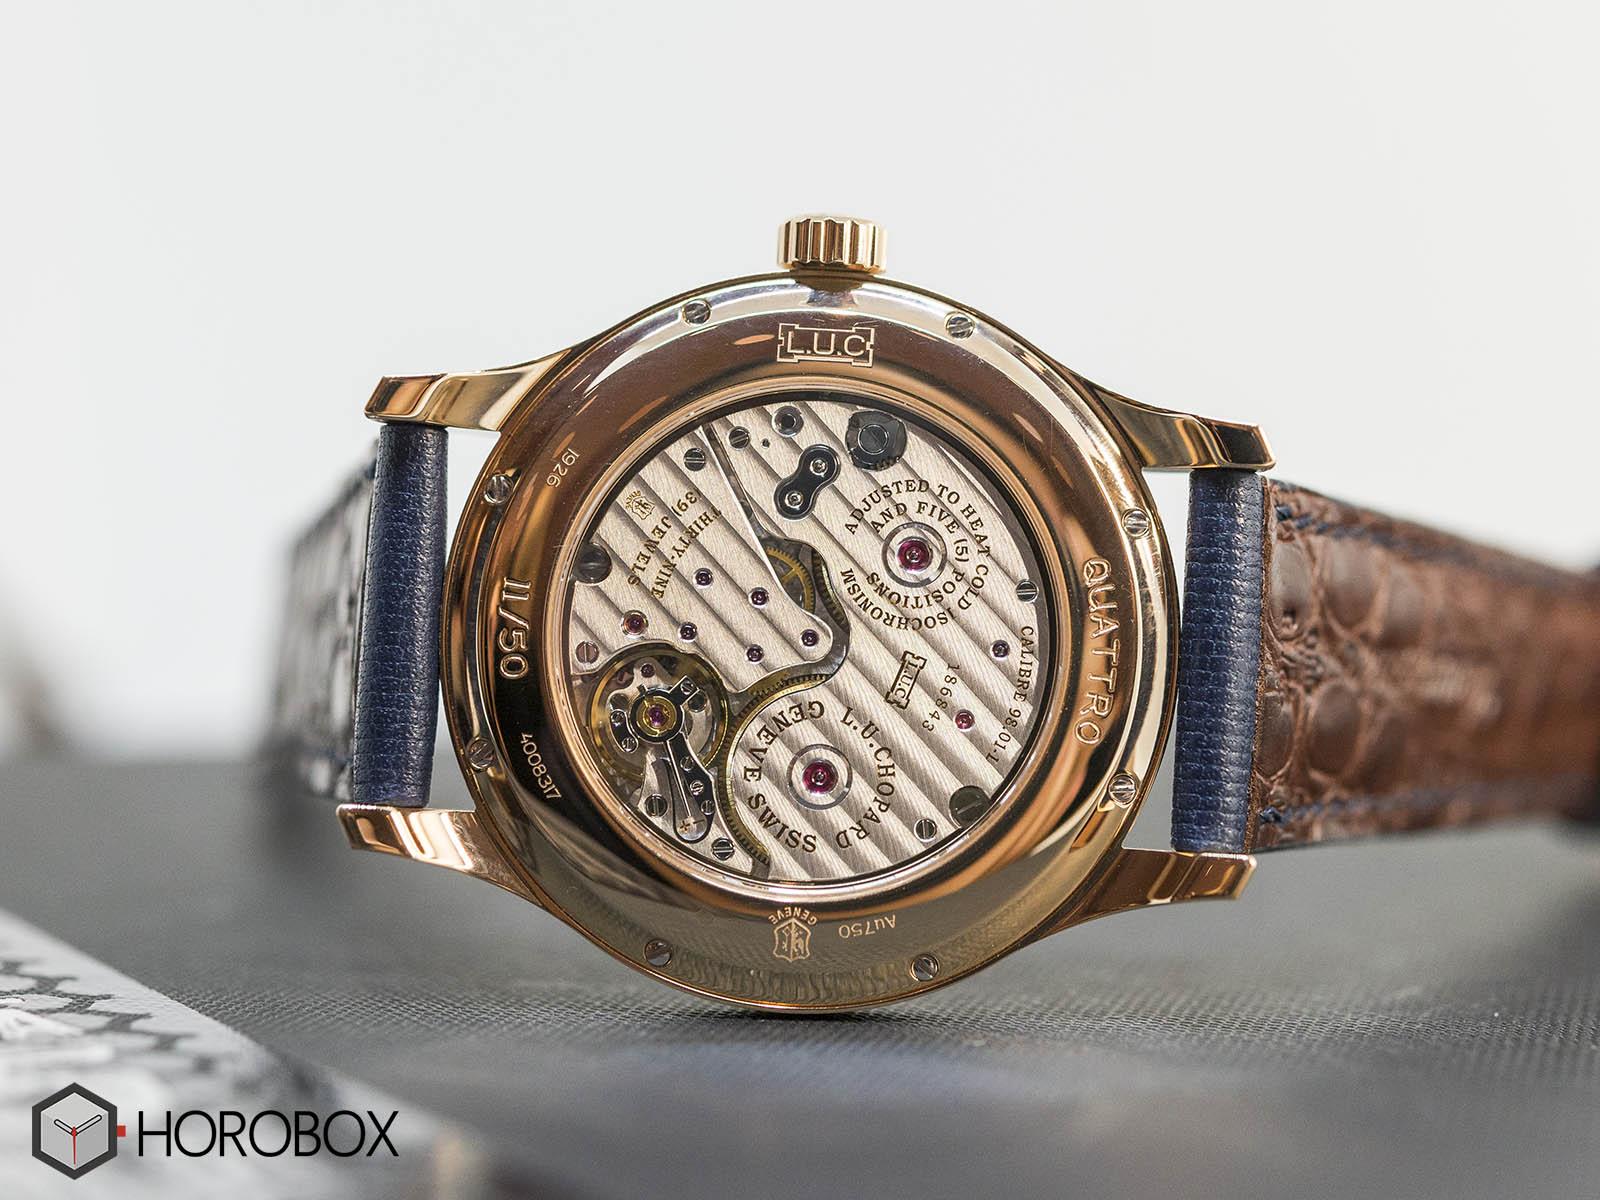 161926-5004-chopard-l-u-c-quattro-limited-edition-6.jpg